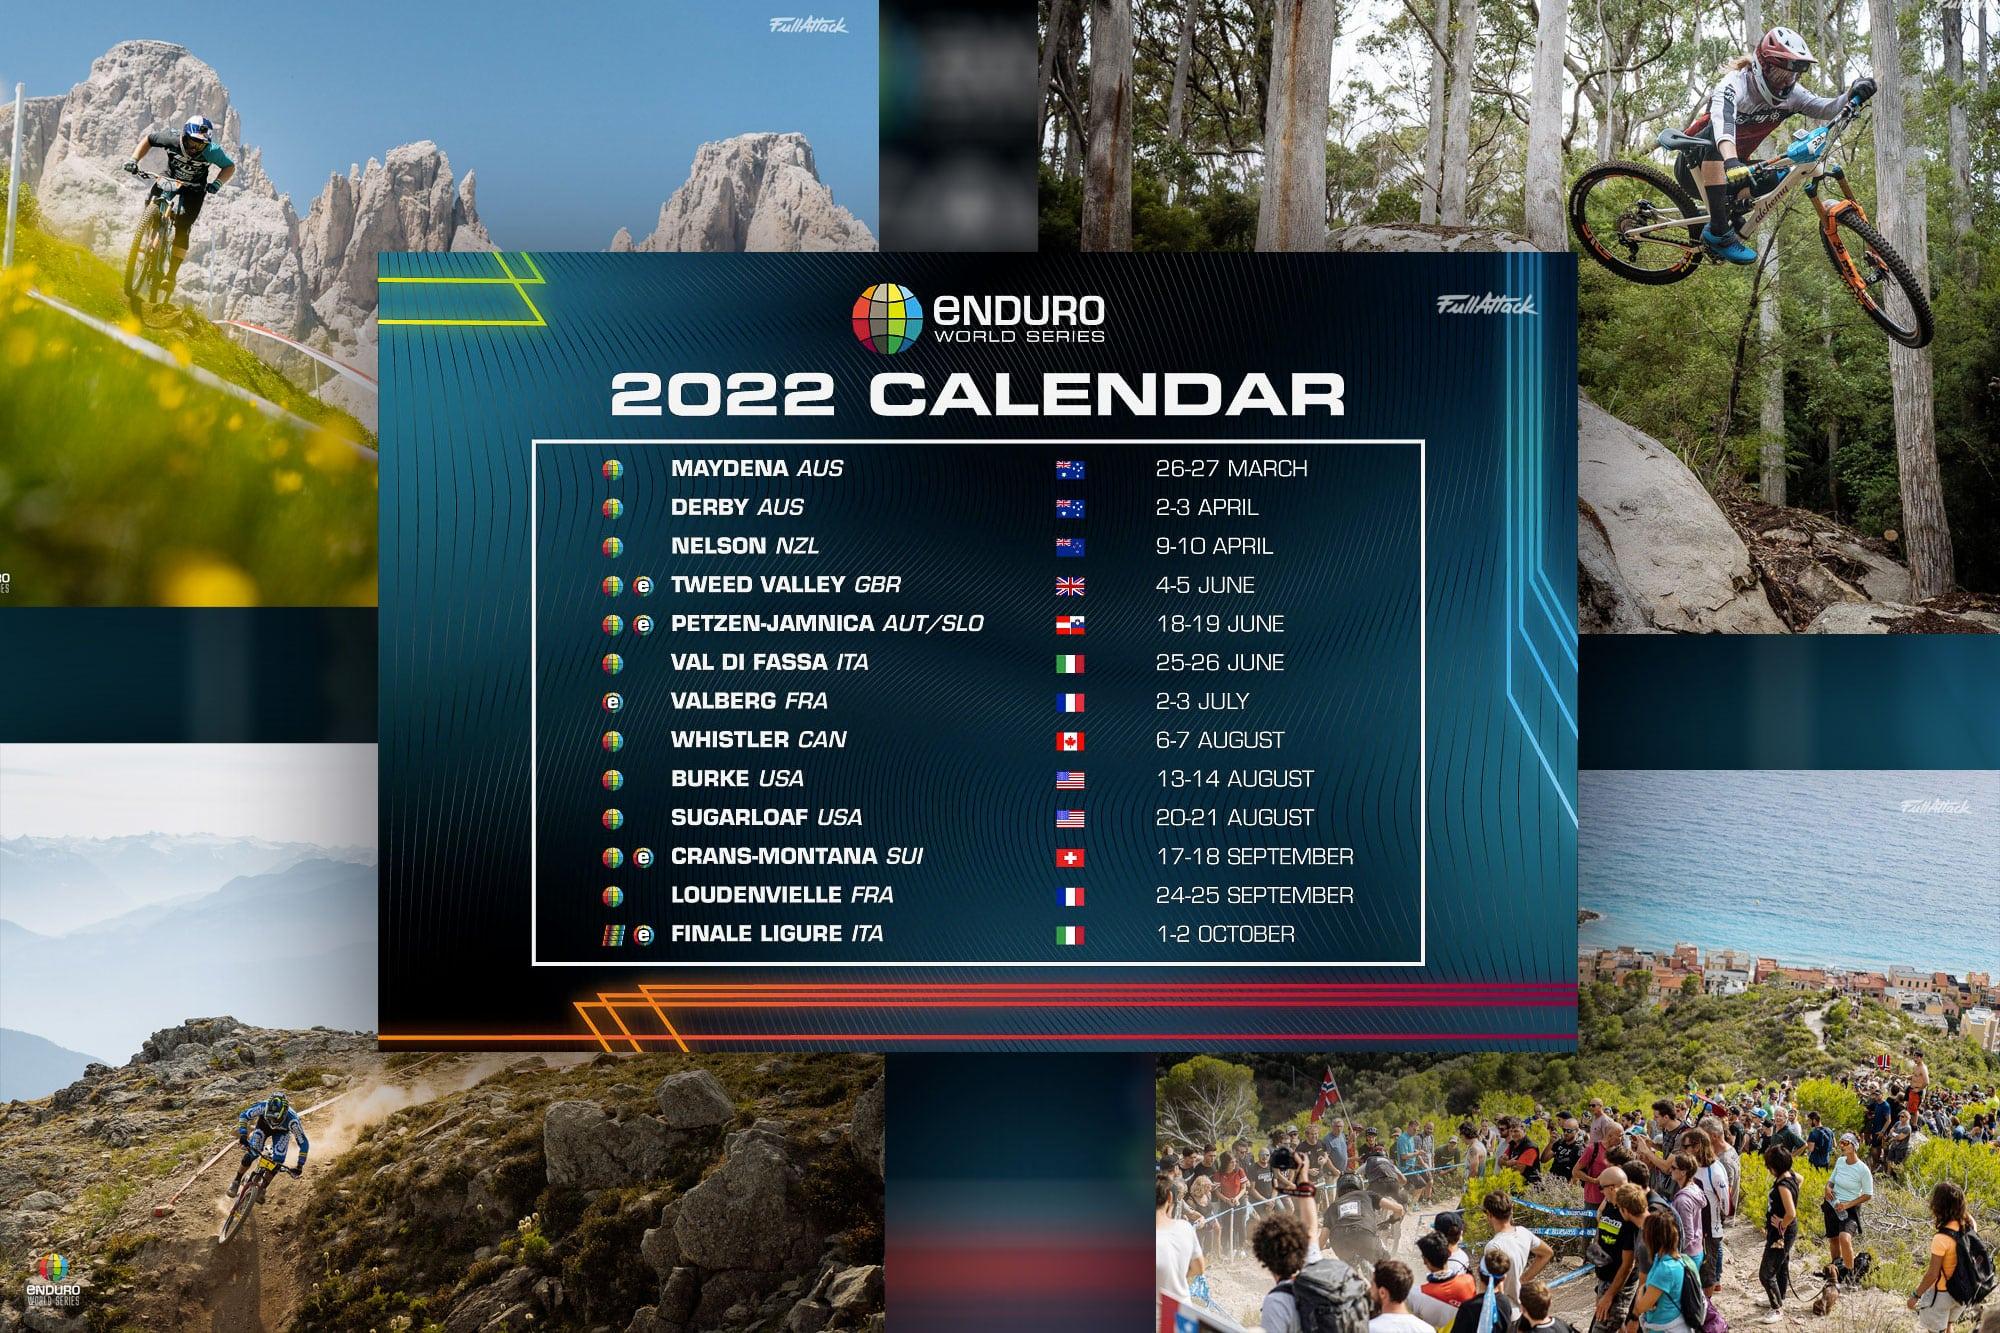 Calendrier Vtt 2022 11 EWS & 4 EWS E au calendrier Enduro World Series 2022 !